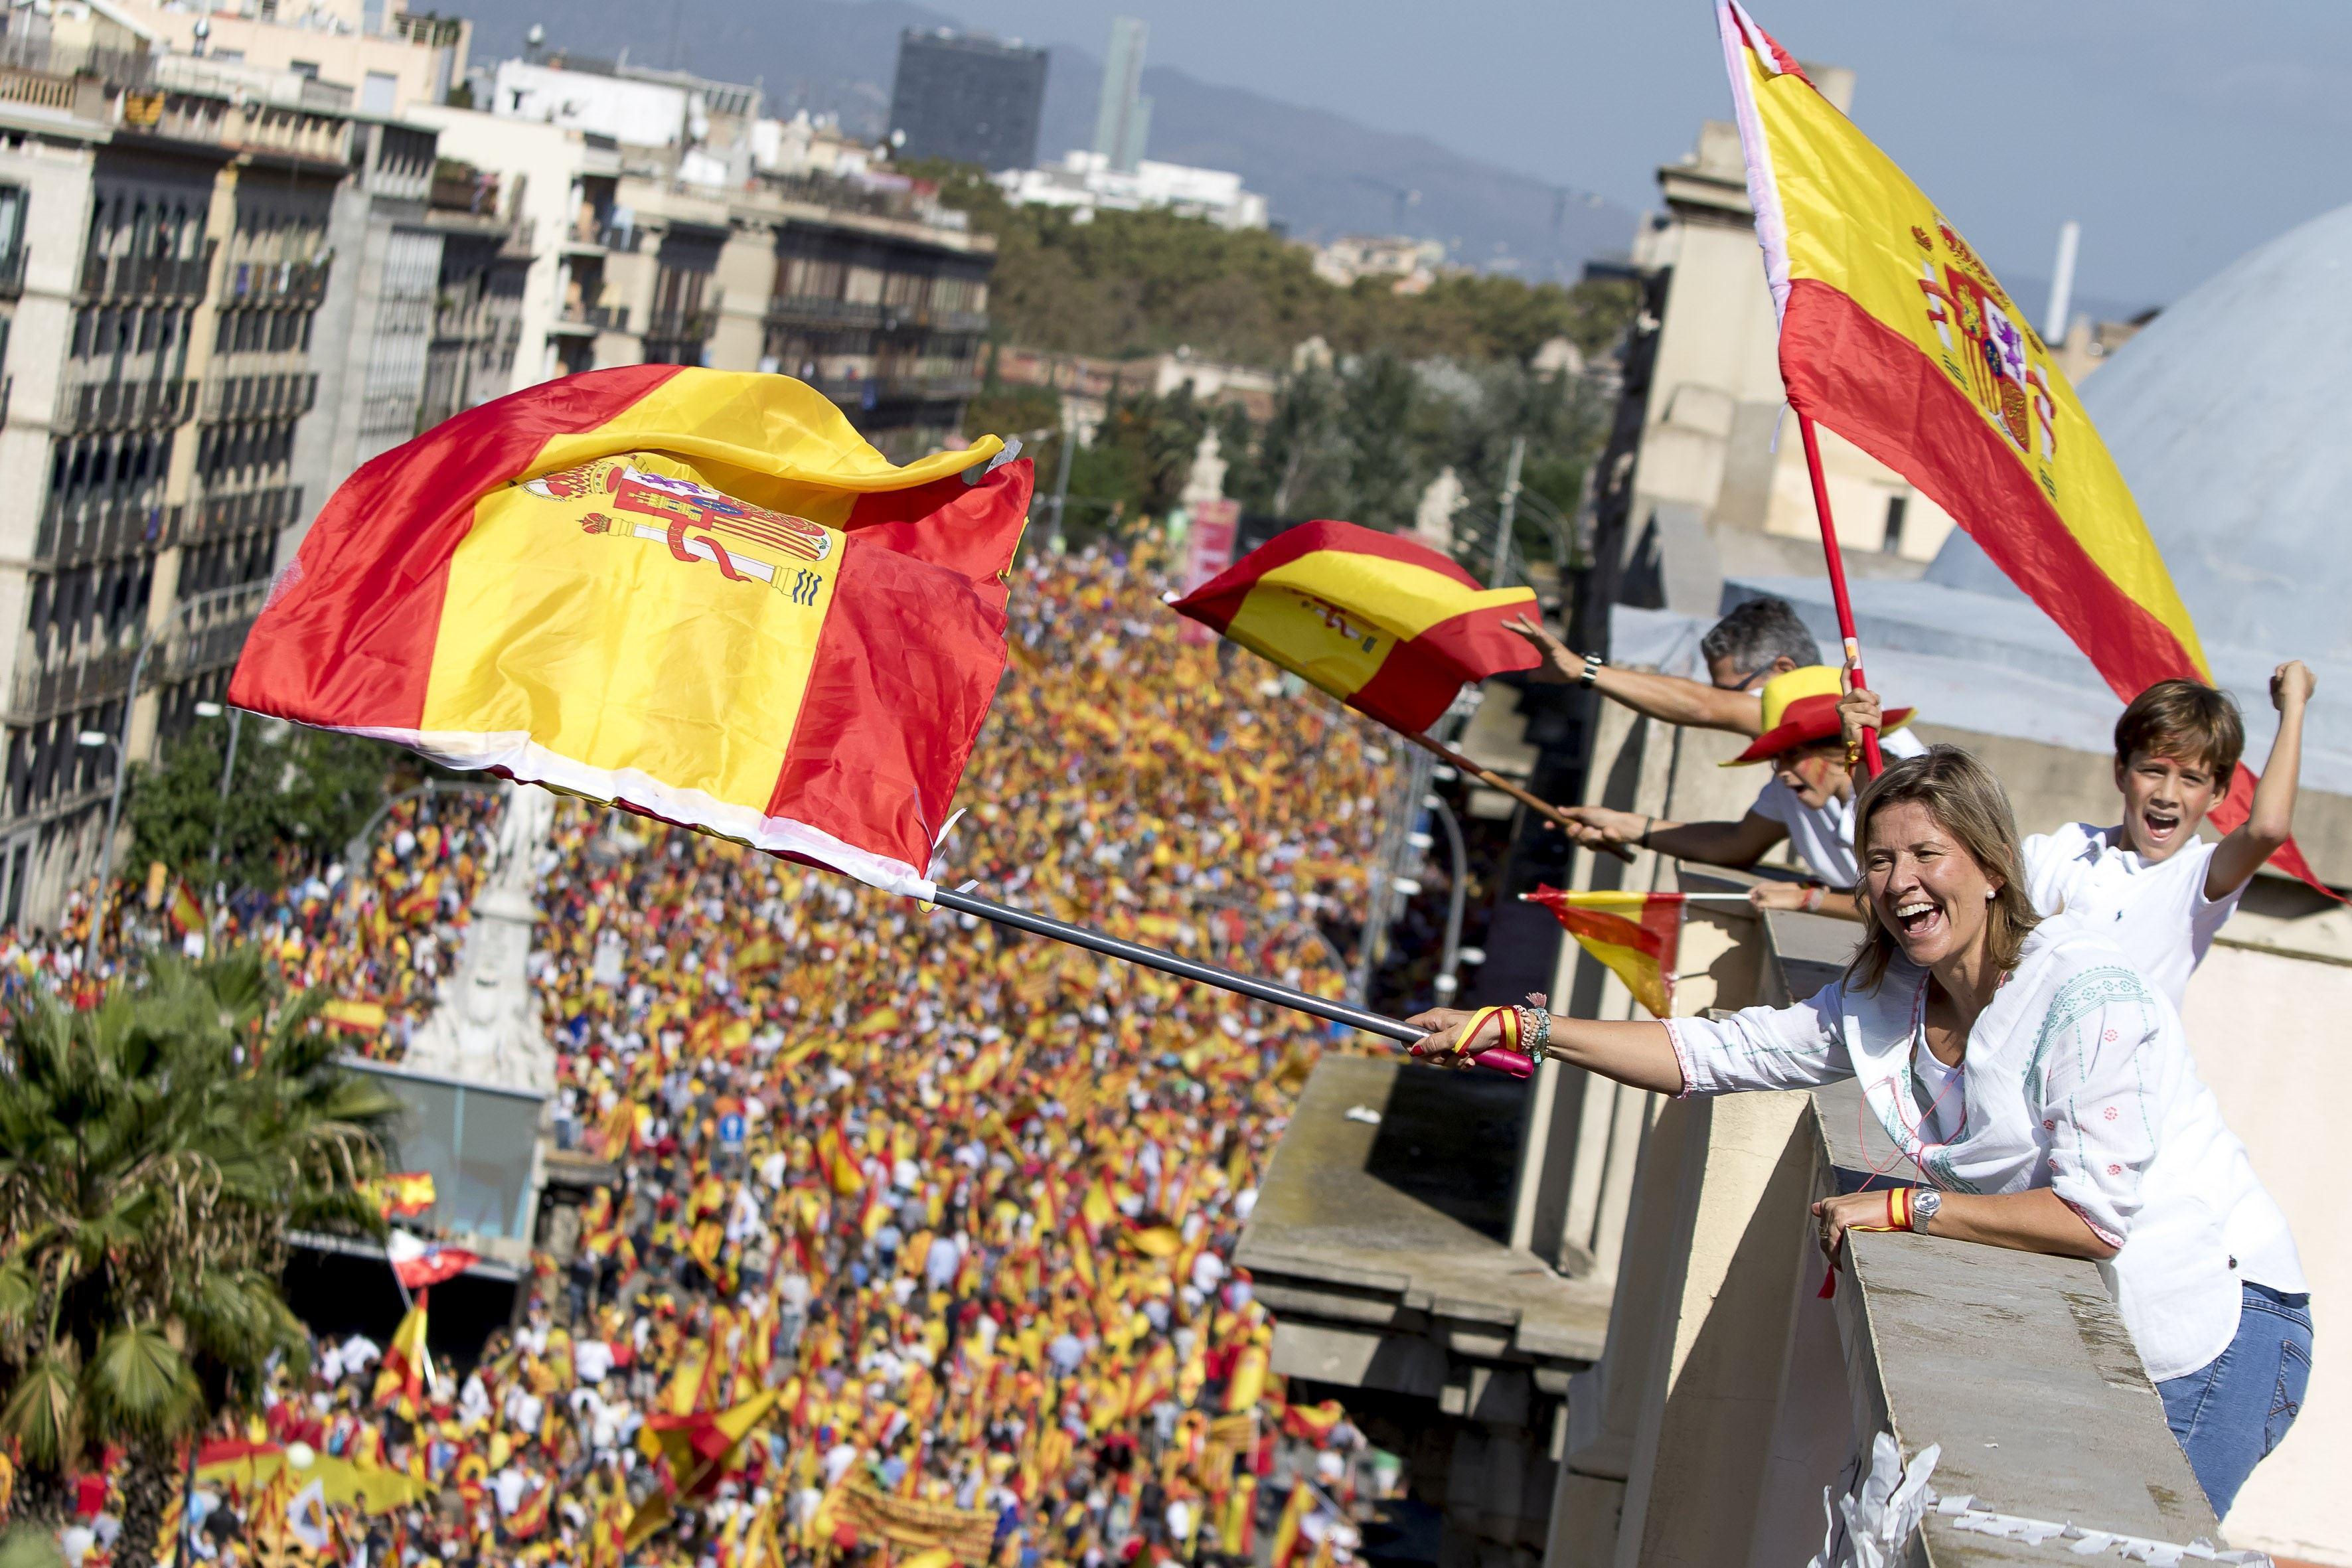 Legea privind referendumul de independenţă din Catalonia a fost invalidată de Curtea Constituţională/ Răspunsul dar de guvernul Cataloniei